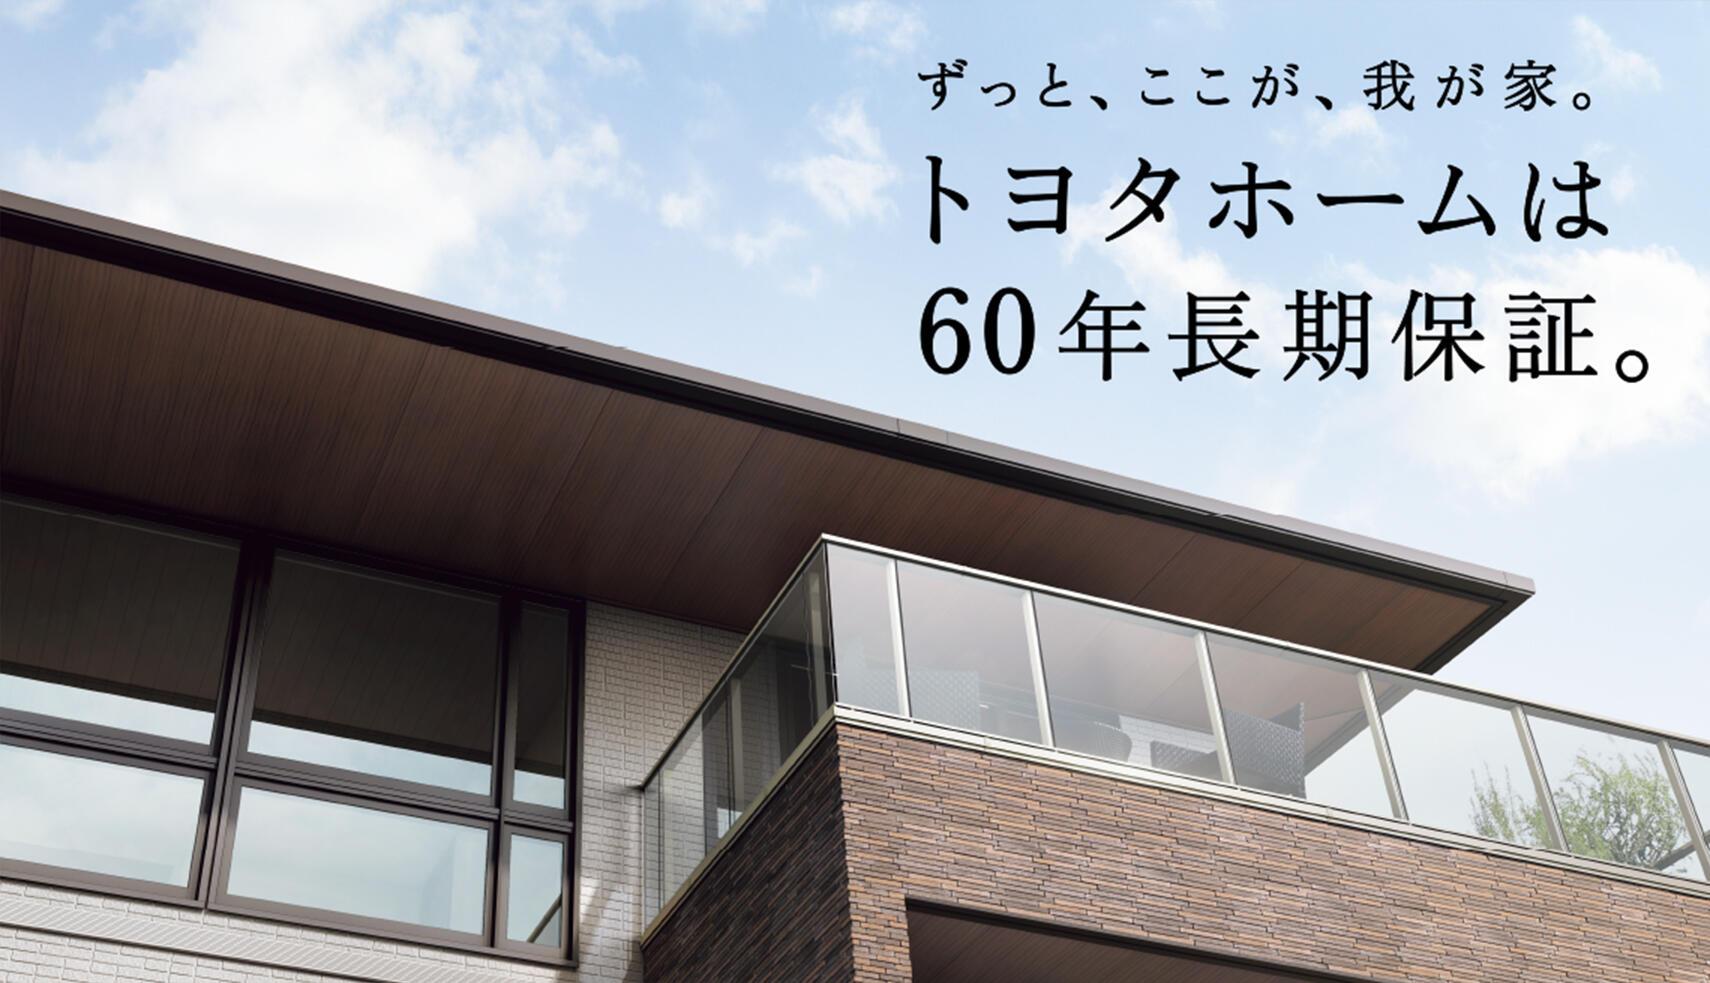 トヨタホームは60年長期保証。